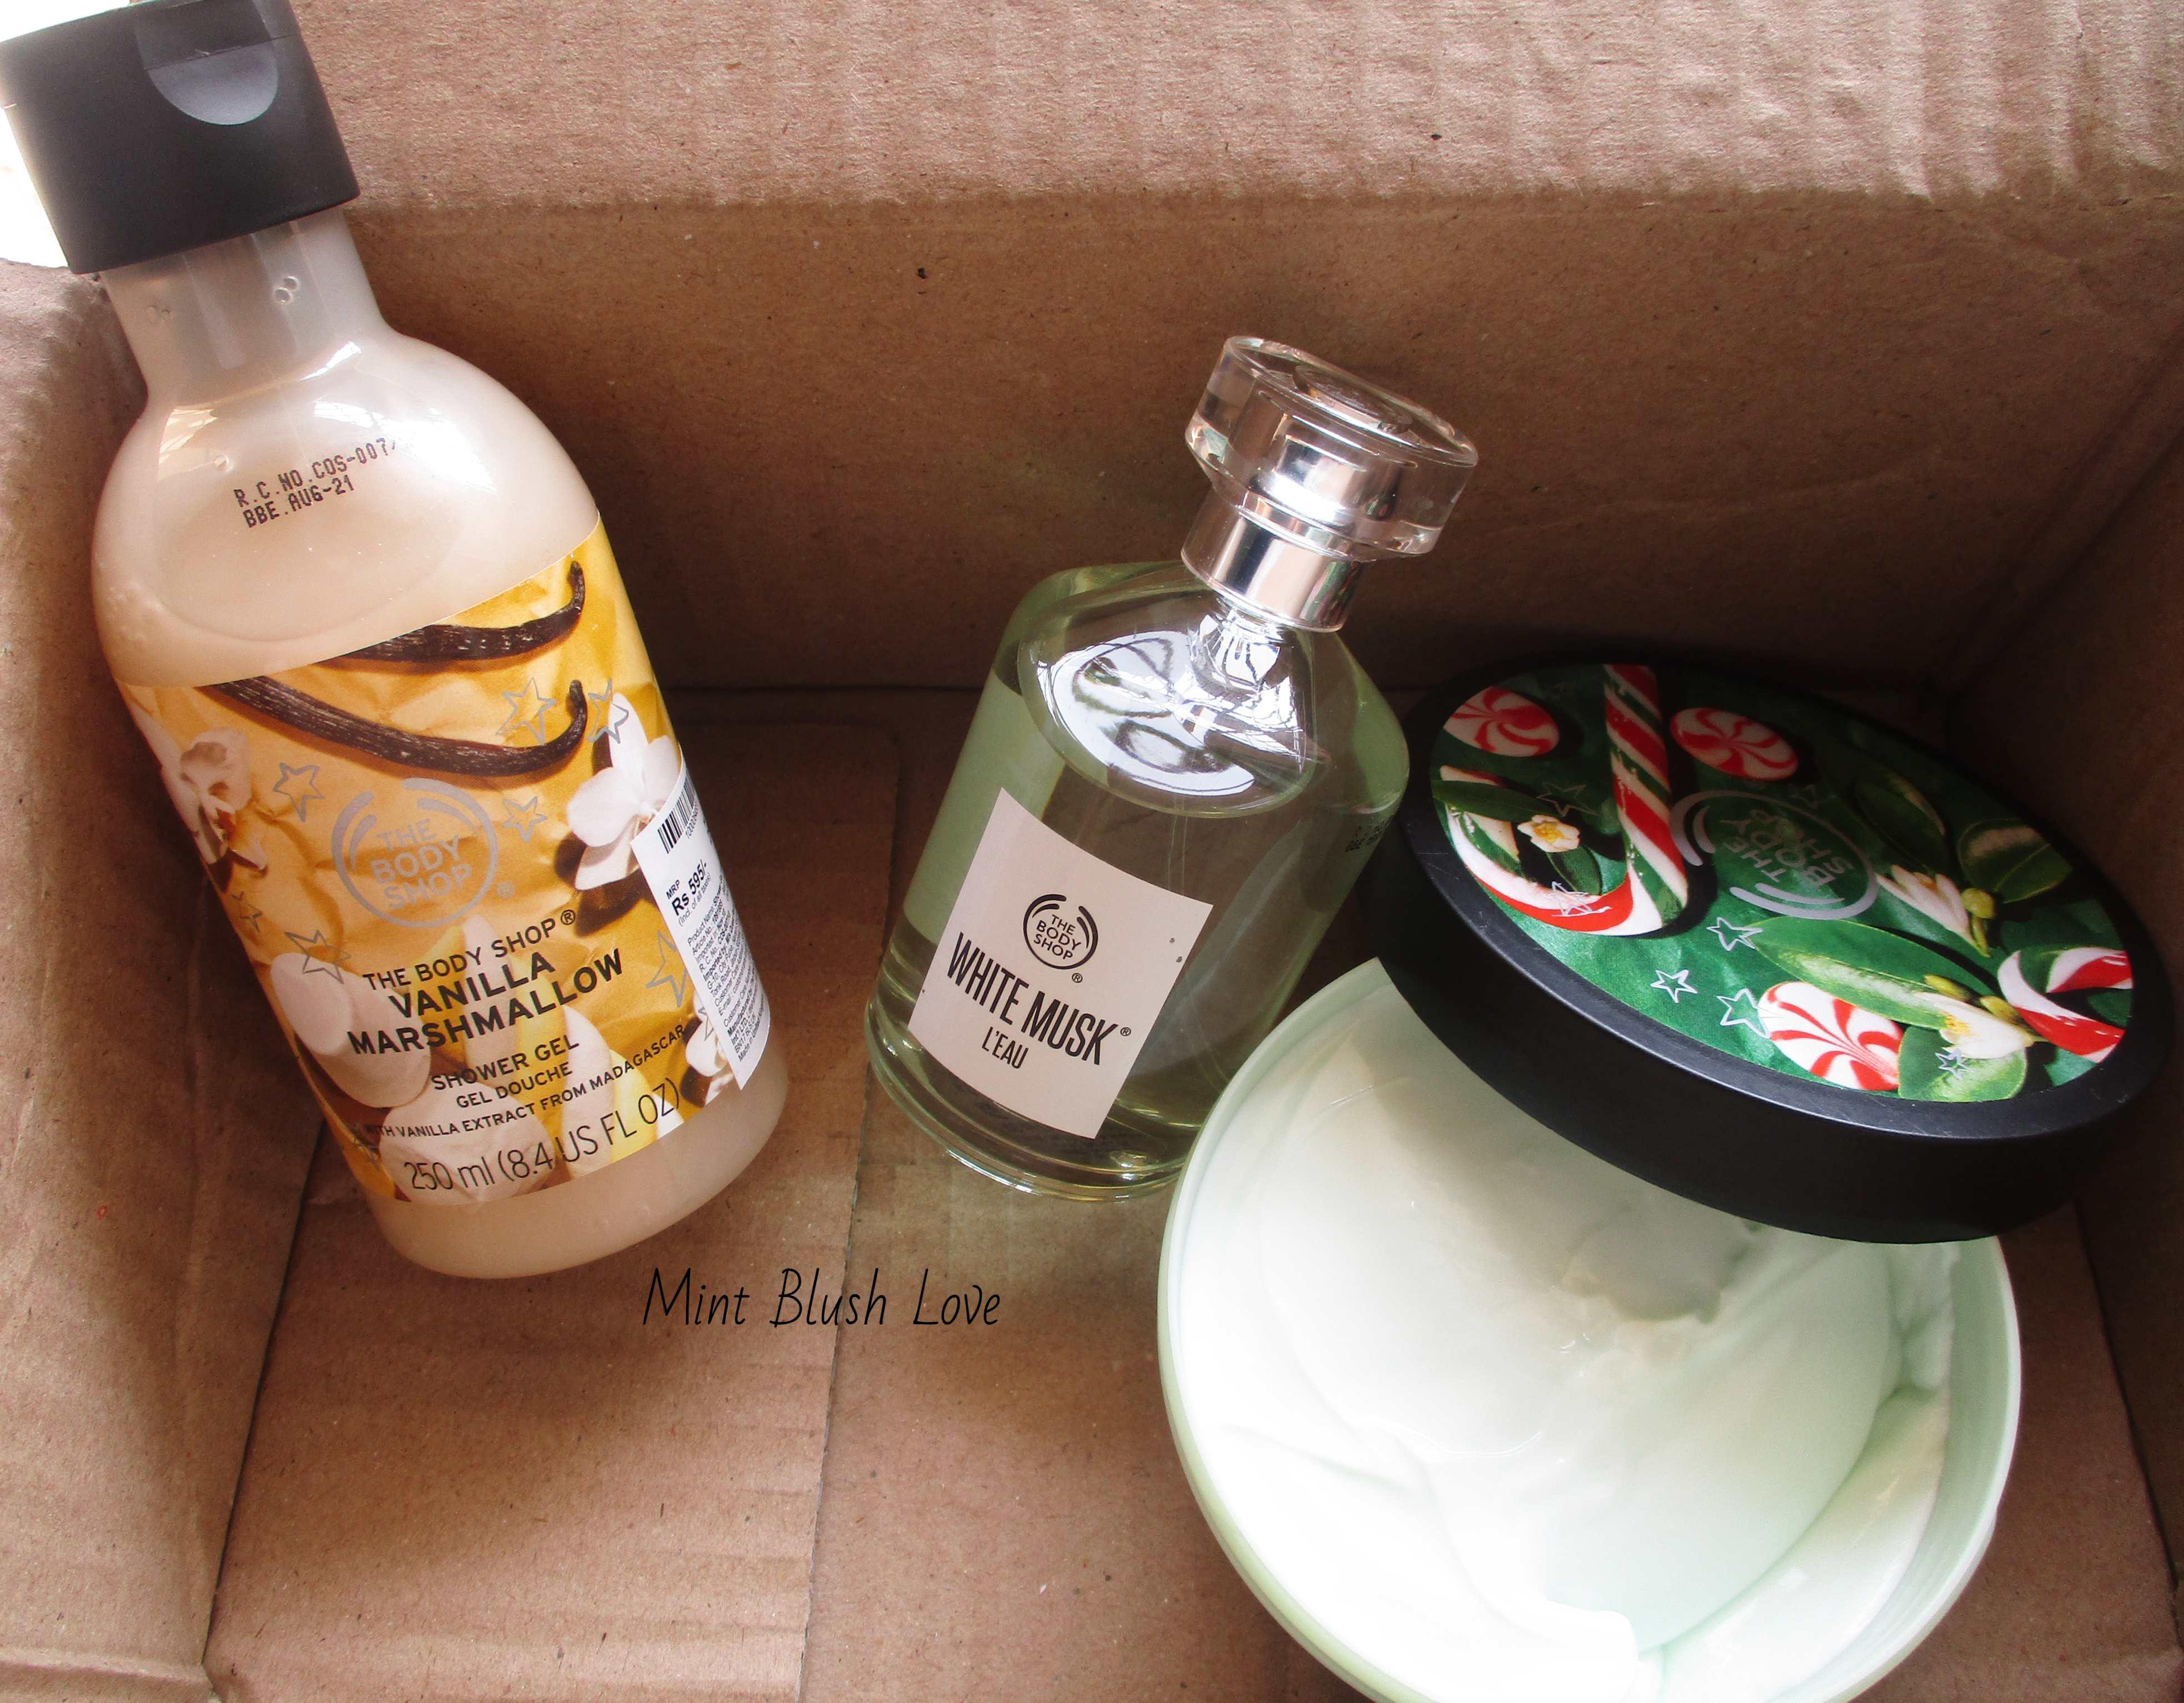 The Body Shop sale haul, website review